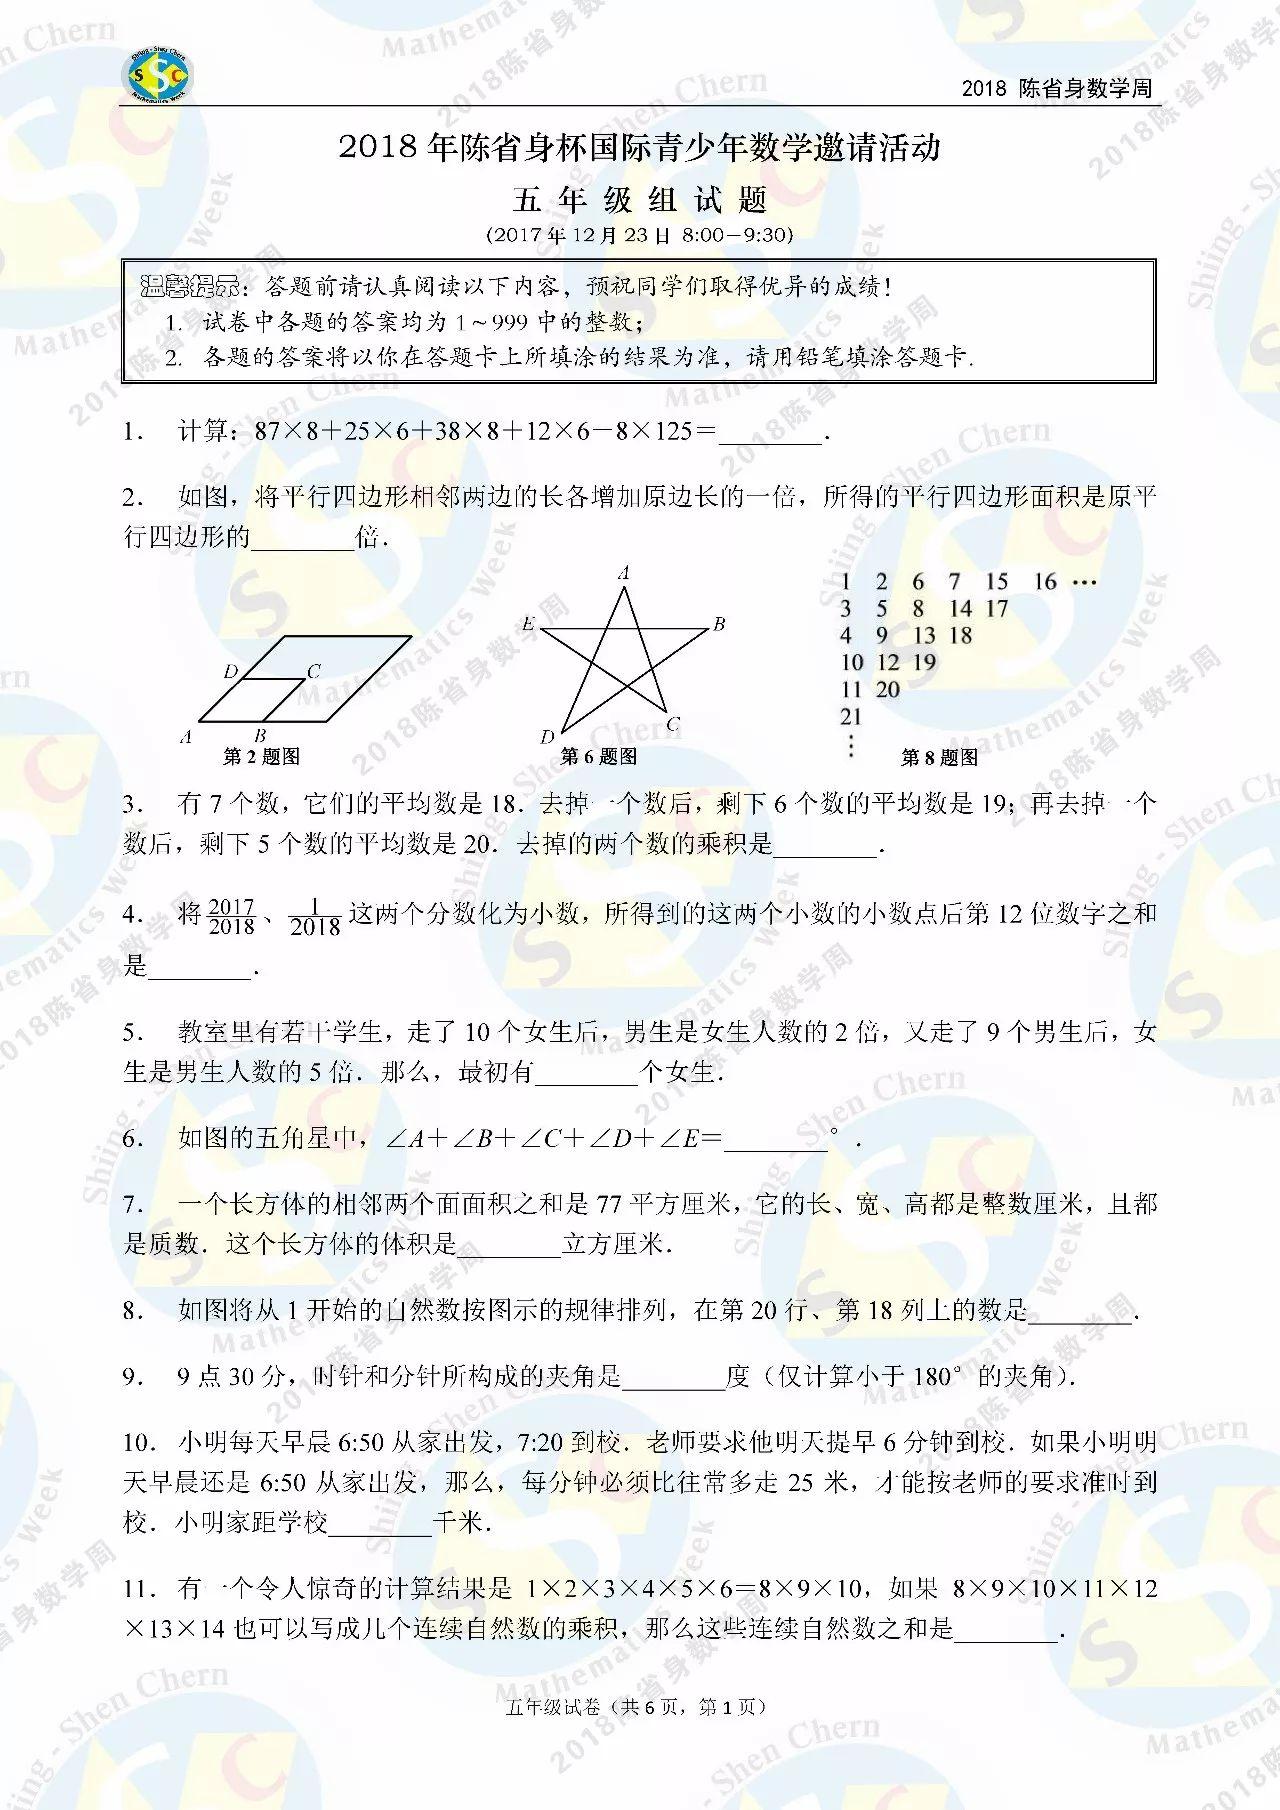 2018年陈省身杯国际青少年数学邀请赛五年级试题